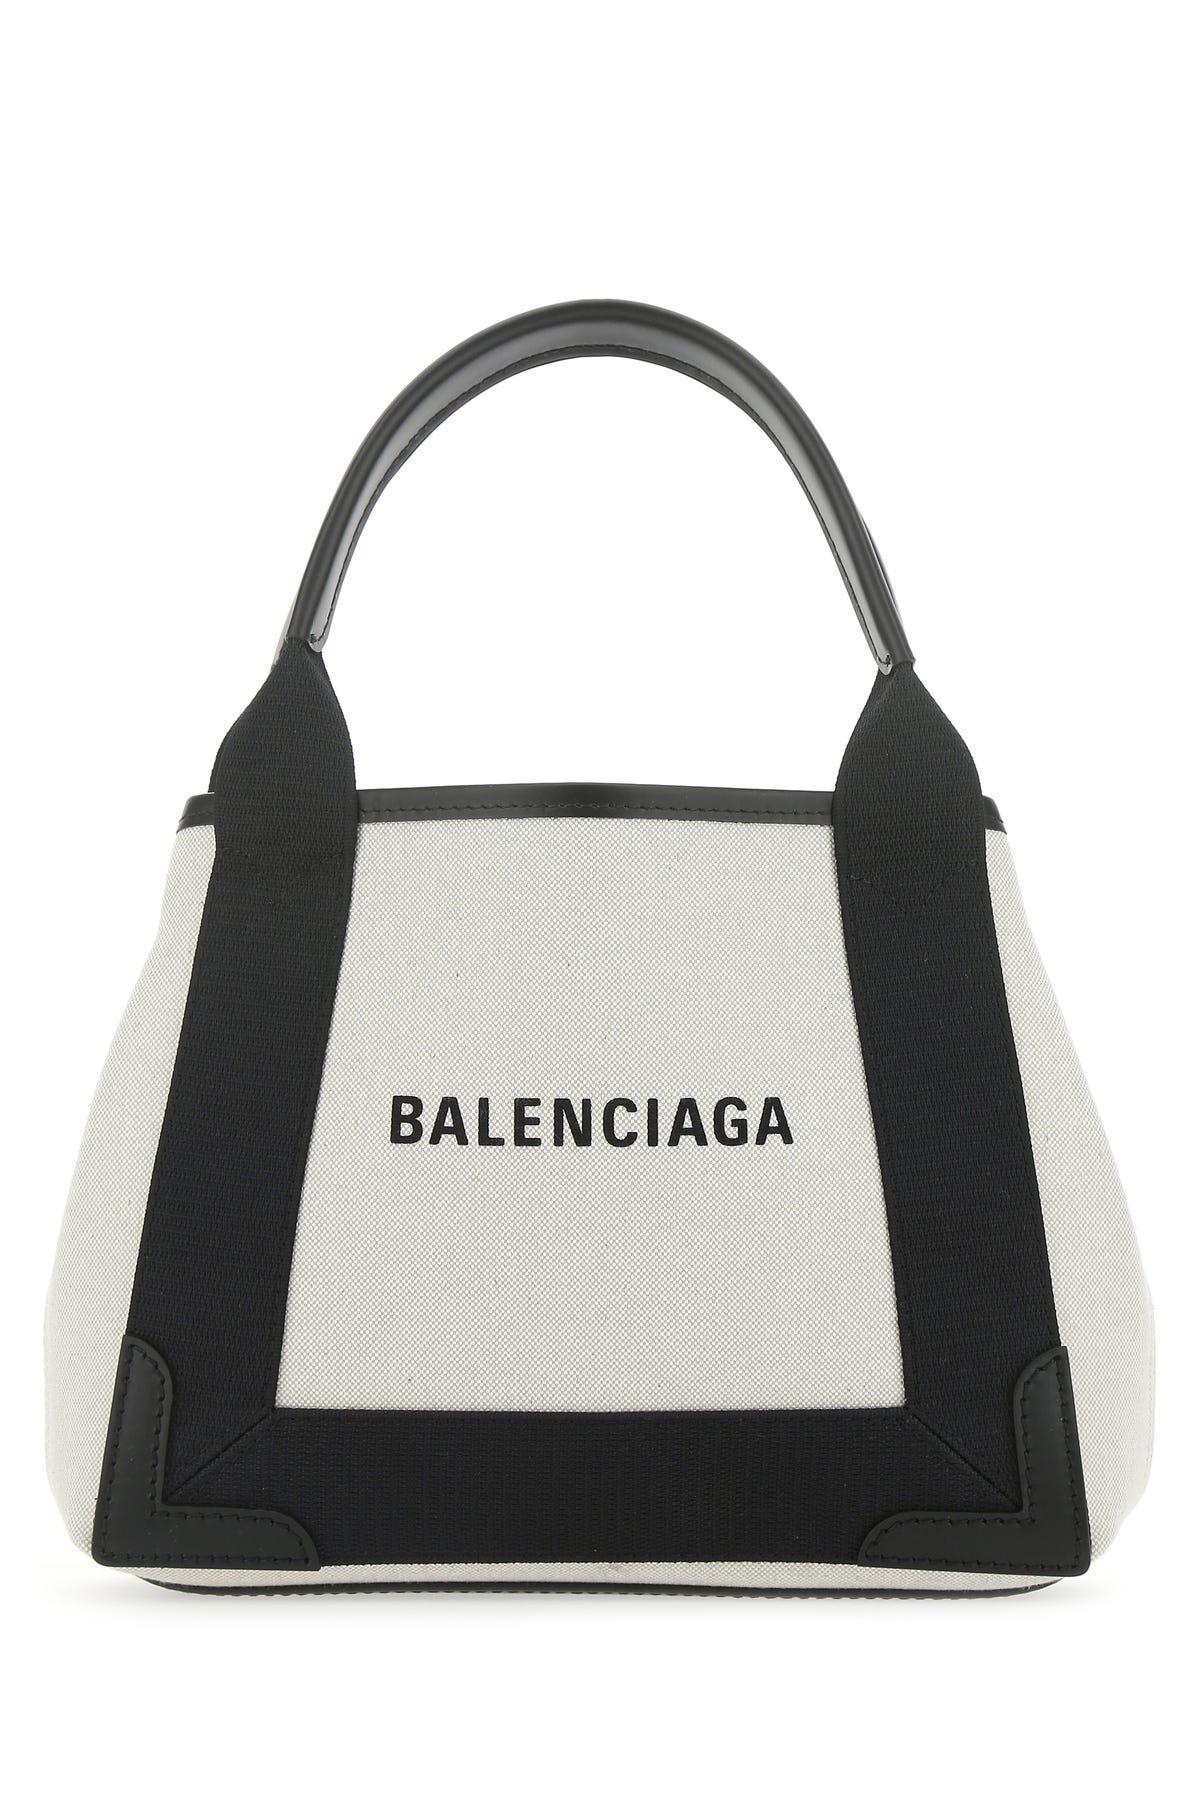 BALENCIAGA BORSA-TU